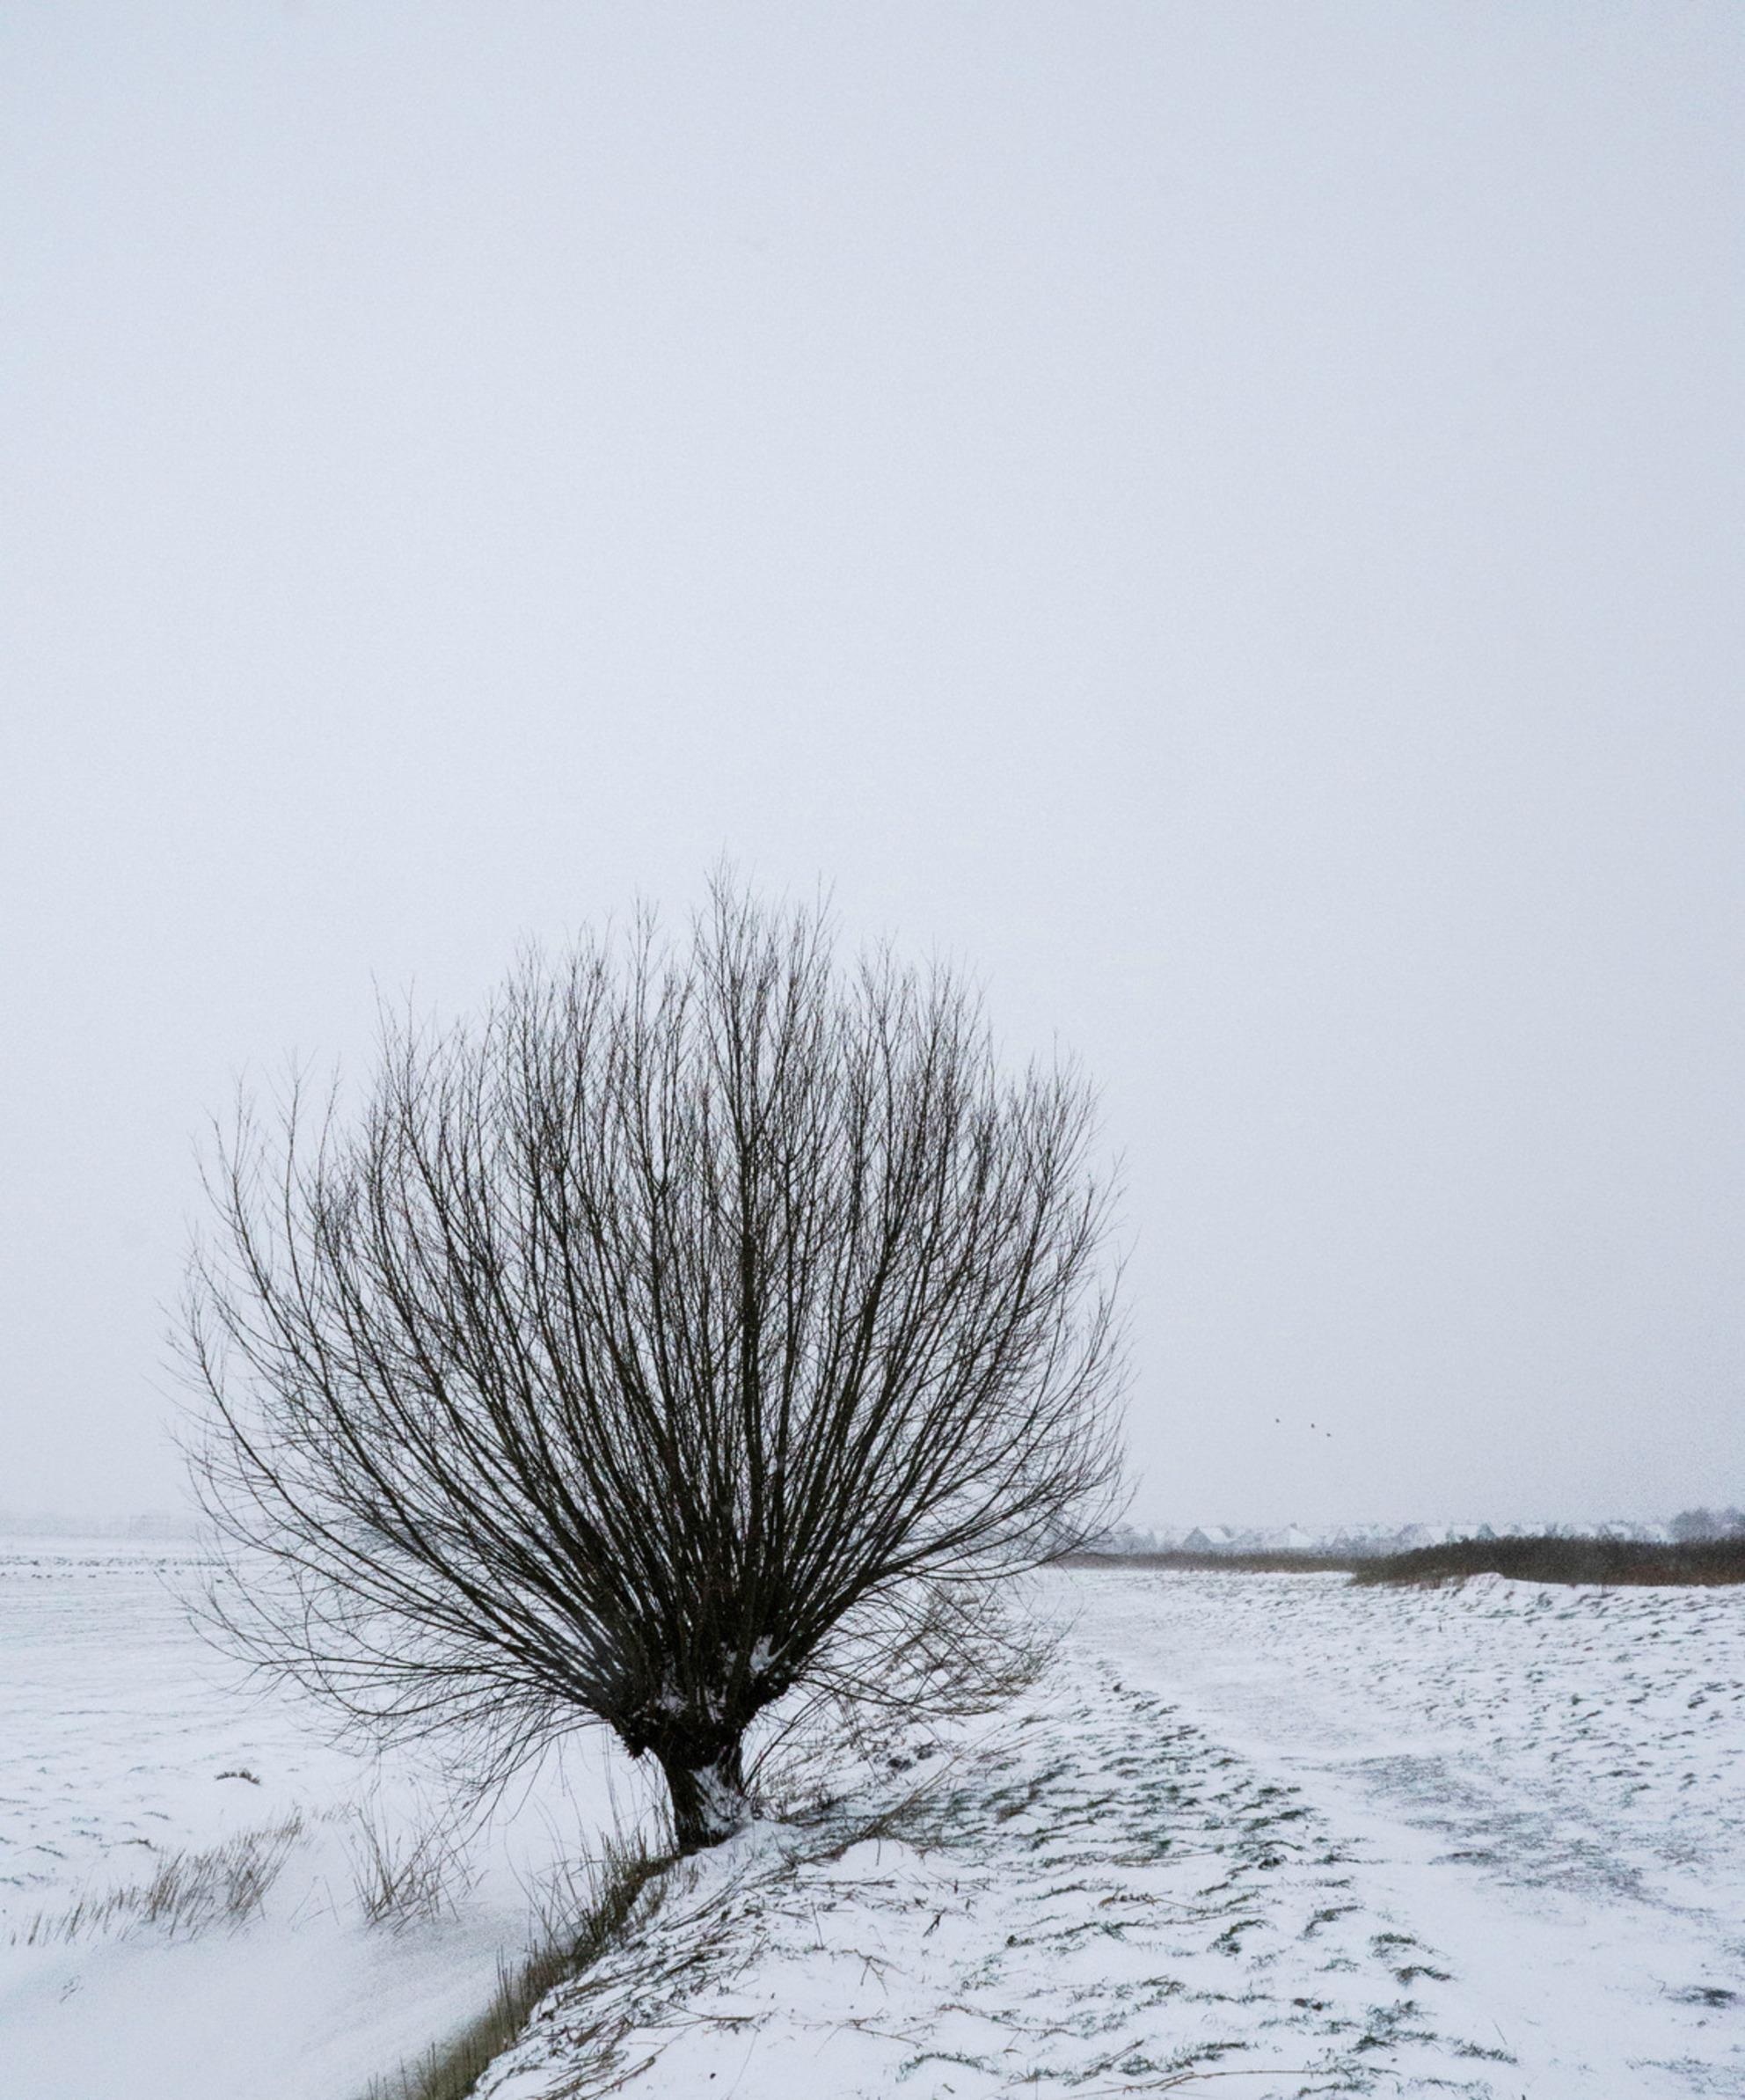 knotwilg - Sneeuw landschap - foto door yboschutte op 08-03-2021 - deze foto bevat: sneeuw, winter - Deze foto mag gebruikt worden in een Zoom.nl publicatie